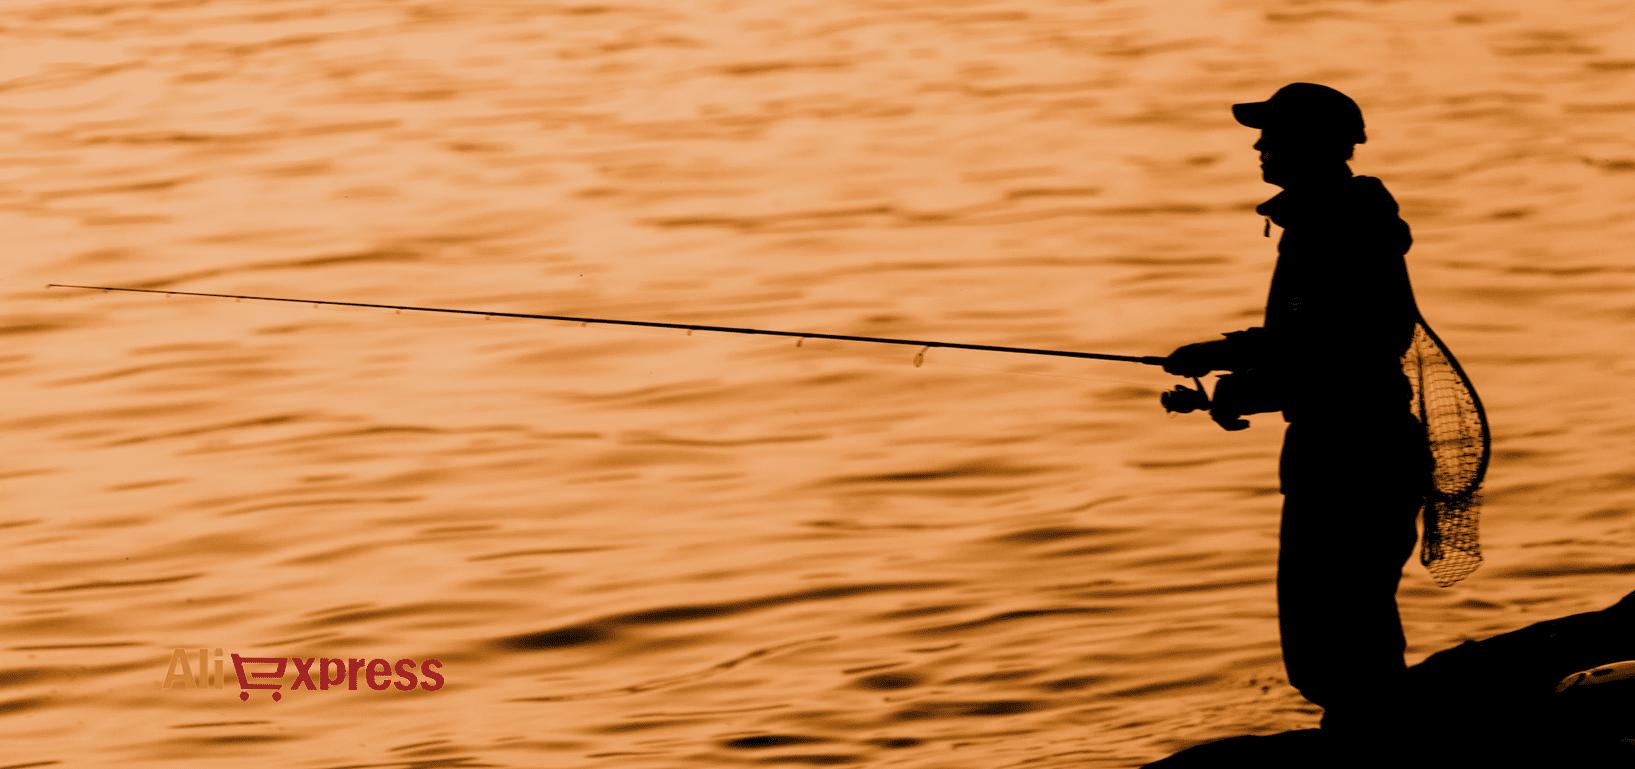 Aliexpress pesca